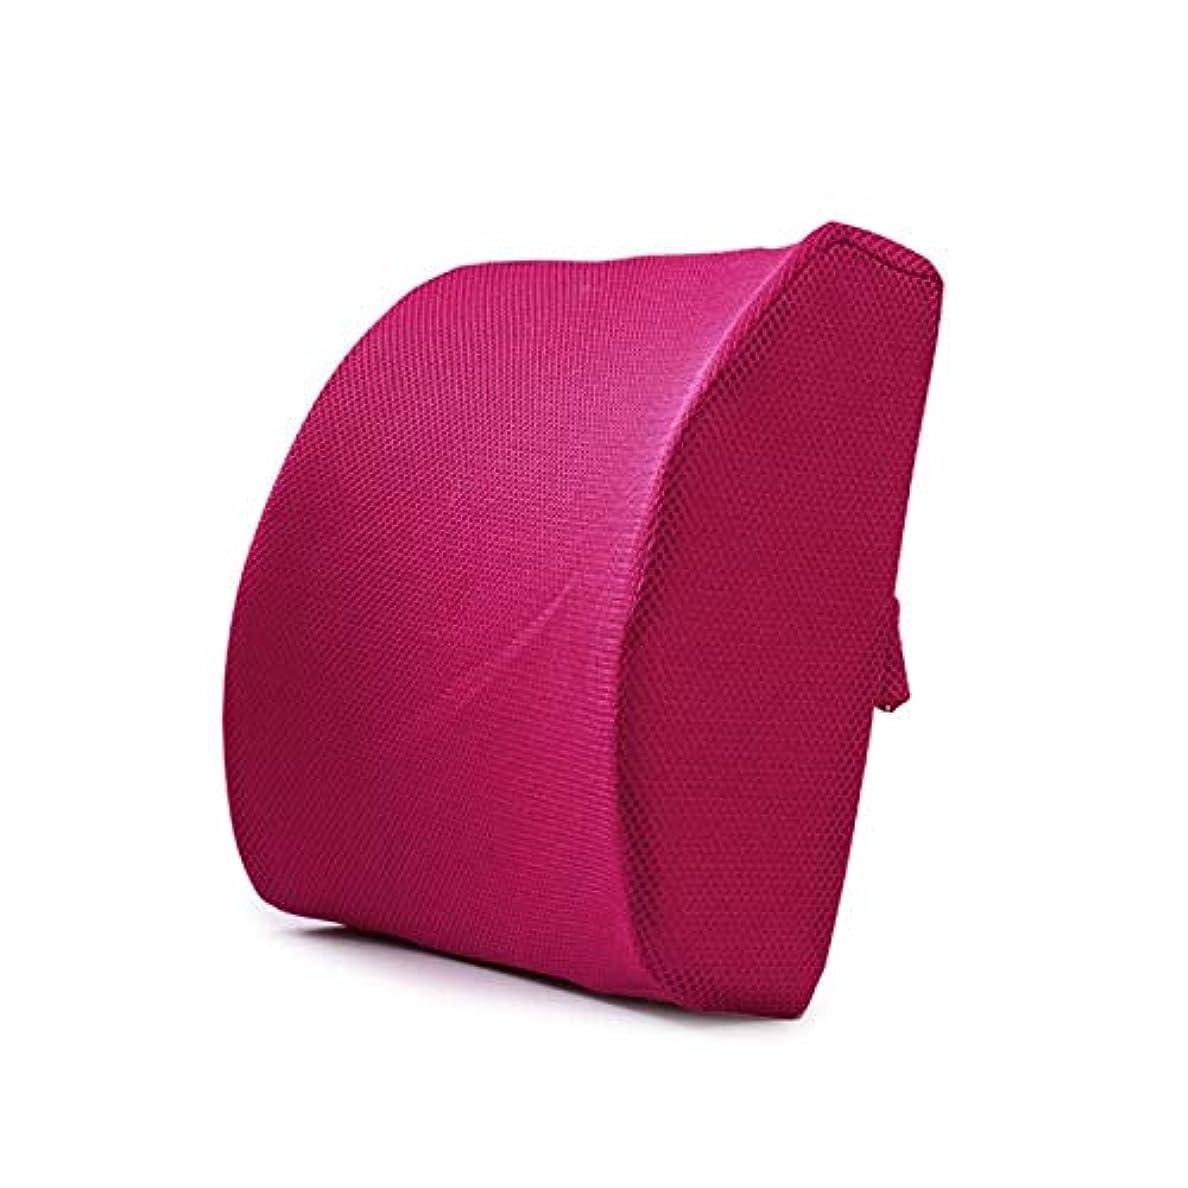 電話に出る錆び痛いLIFE ホームオフィス背もたれ椅子腰椎クッションカーシートネック枕 3D 低反発サポートバックマッサージウエストレスリビング枕 クッション 椅子